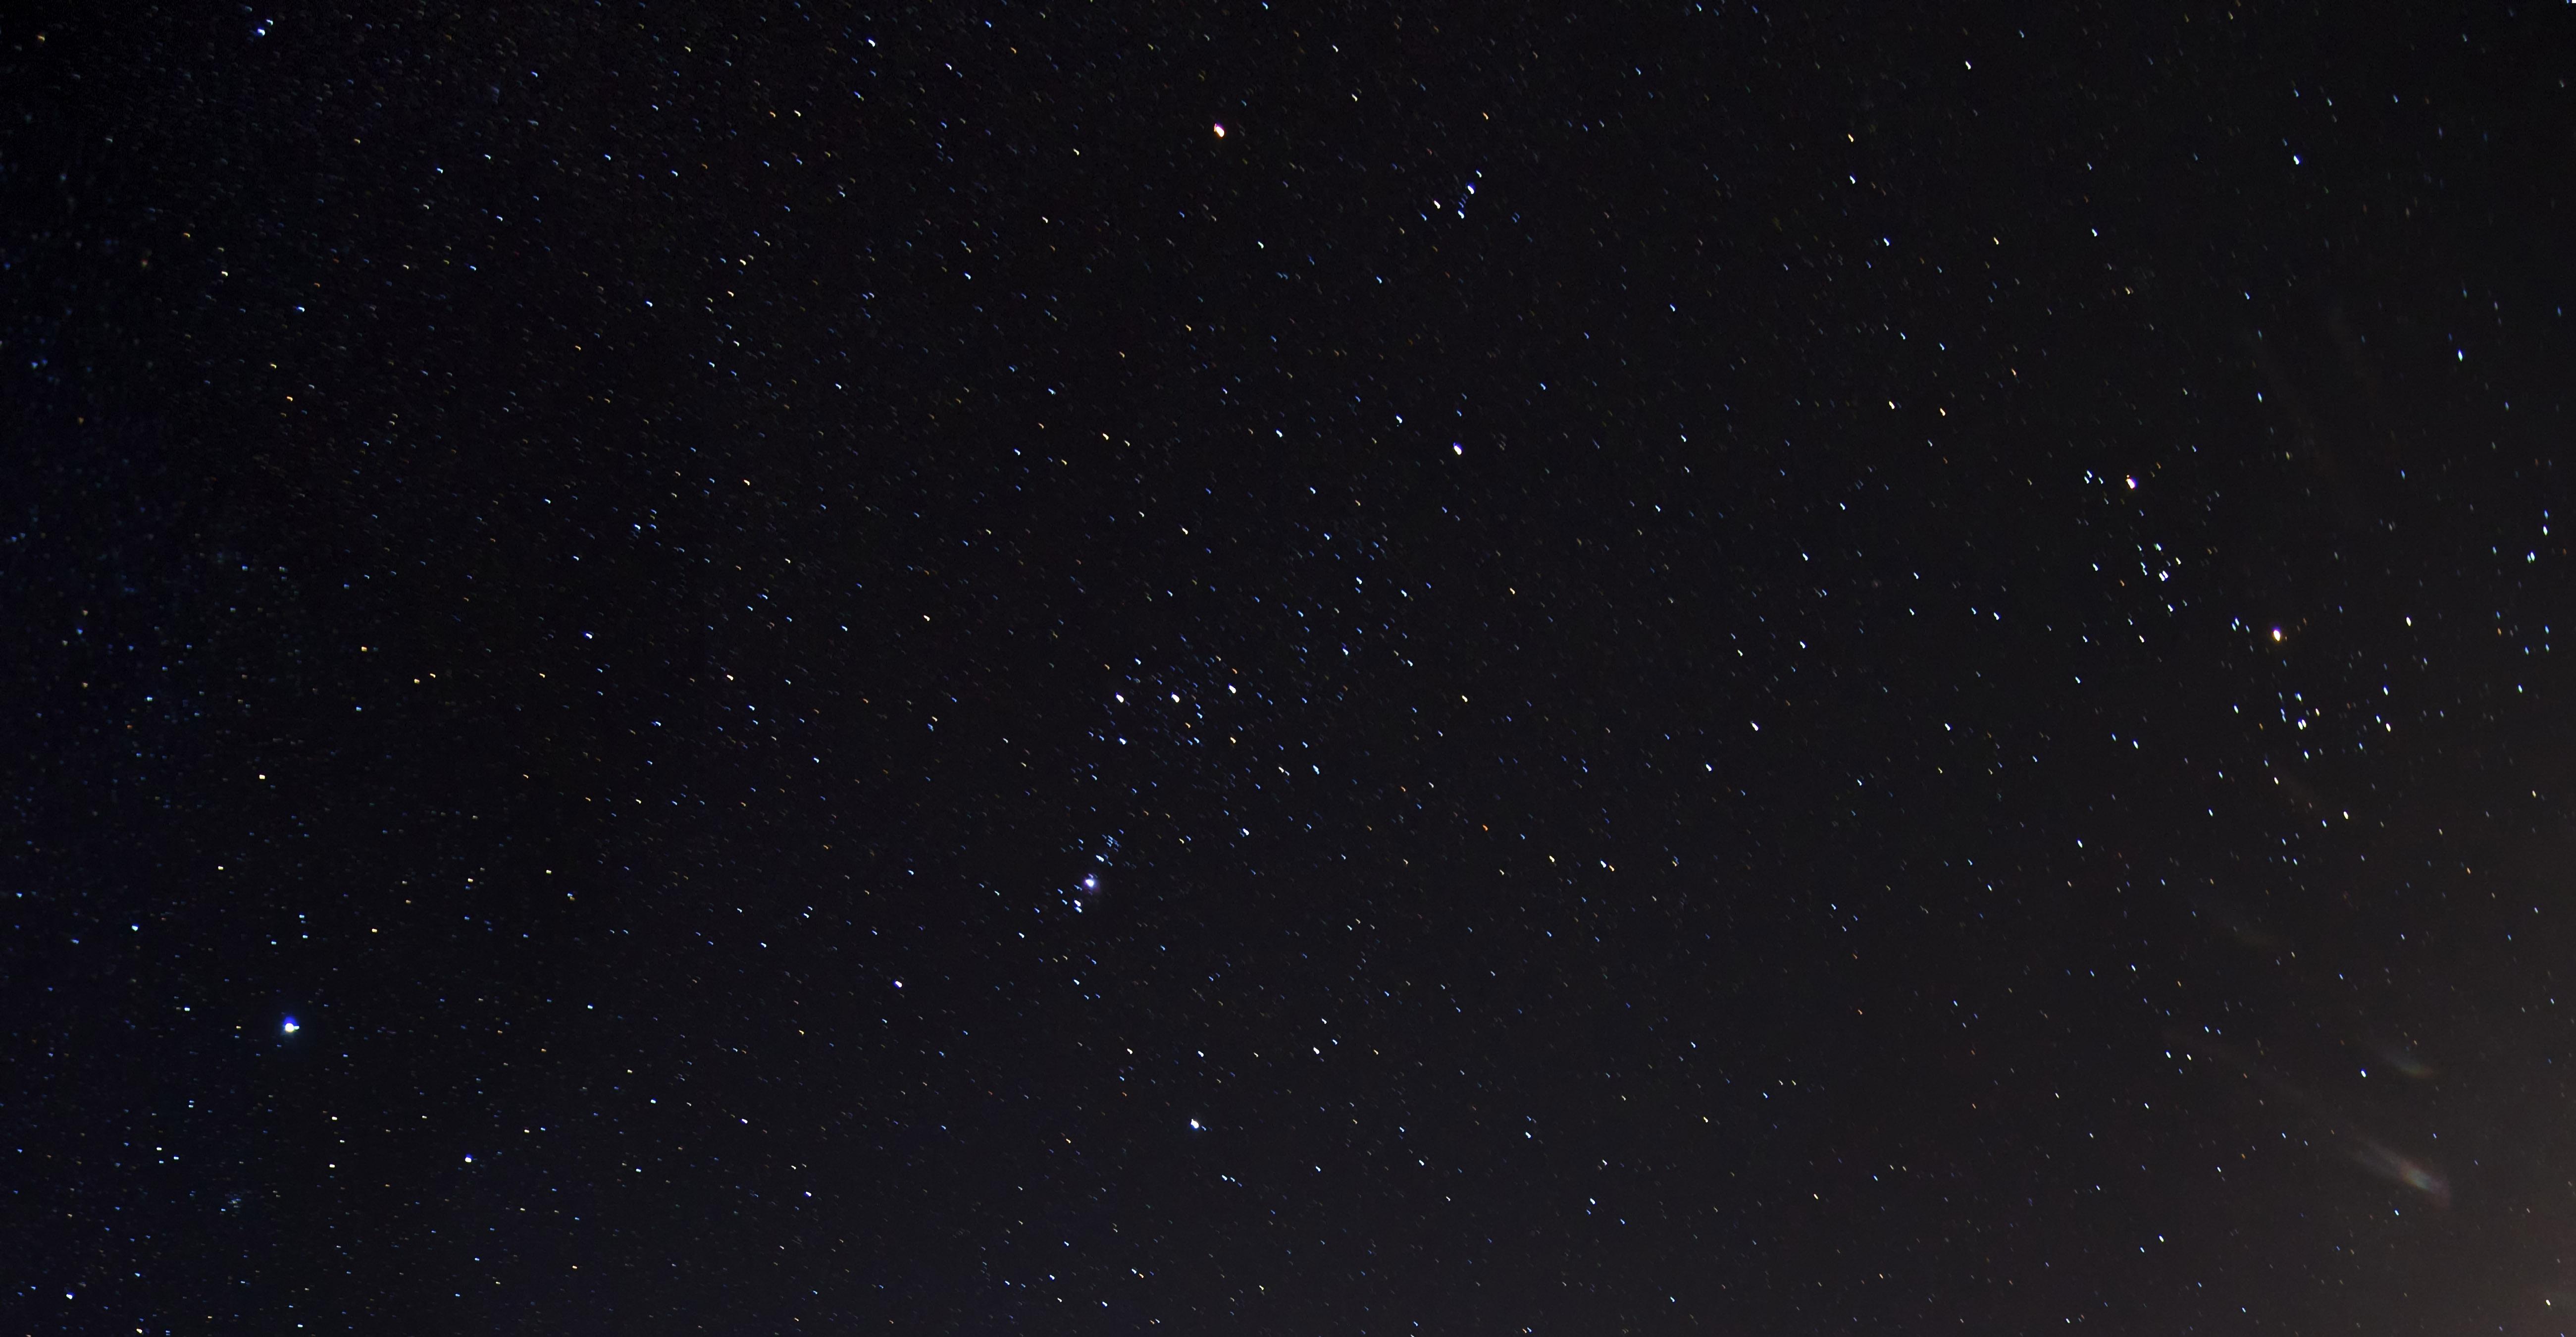 stelle-cadenti-di-inverno